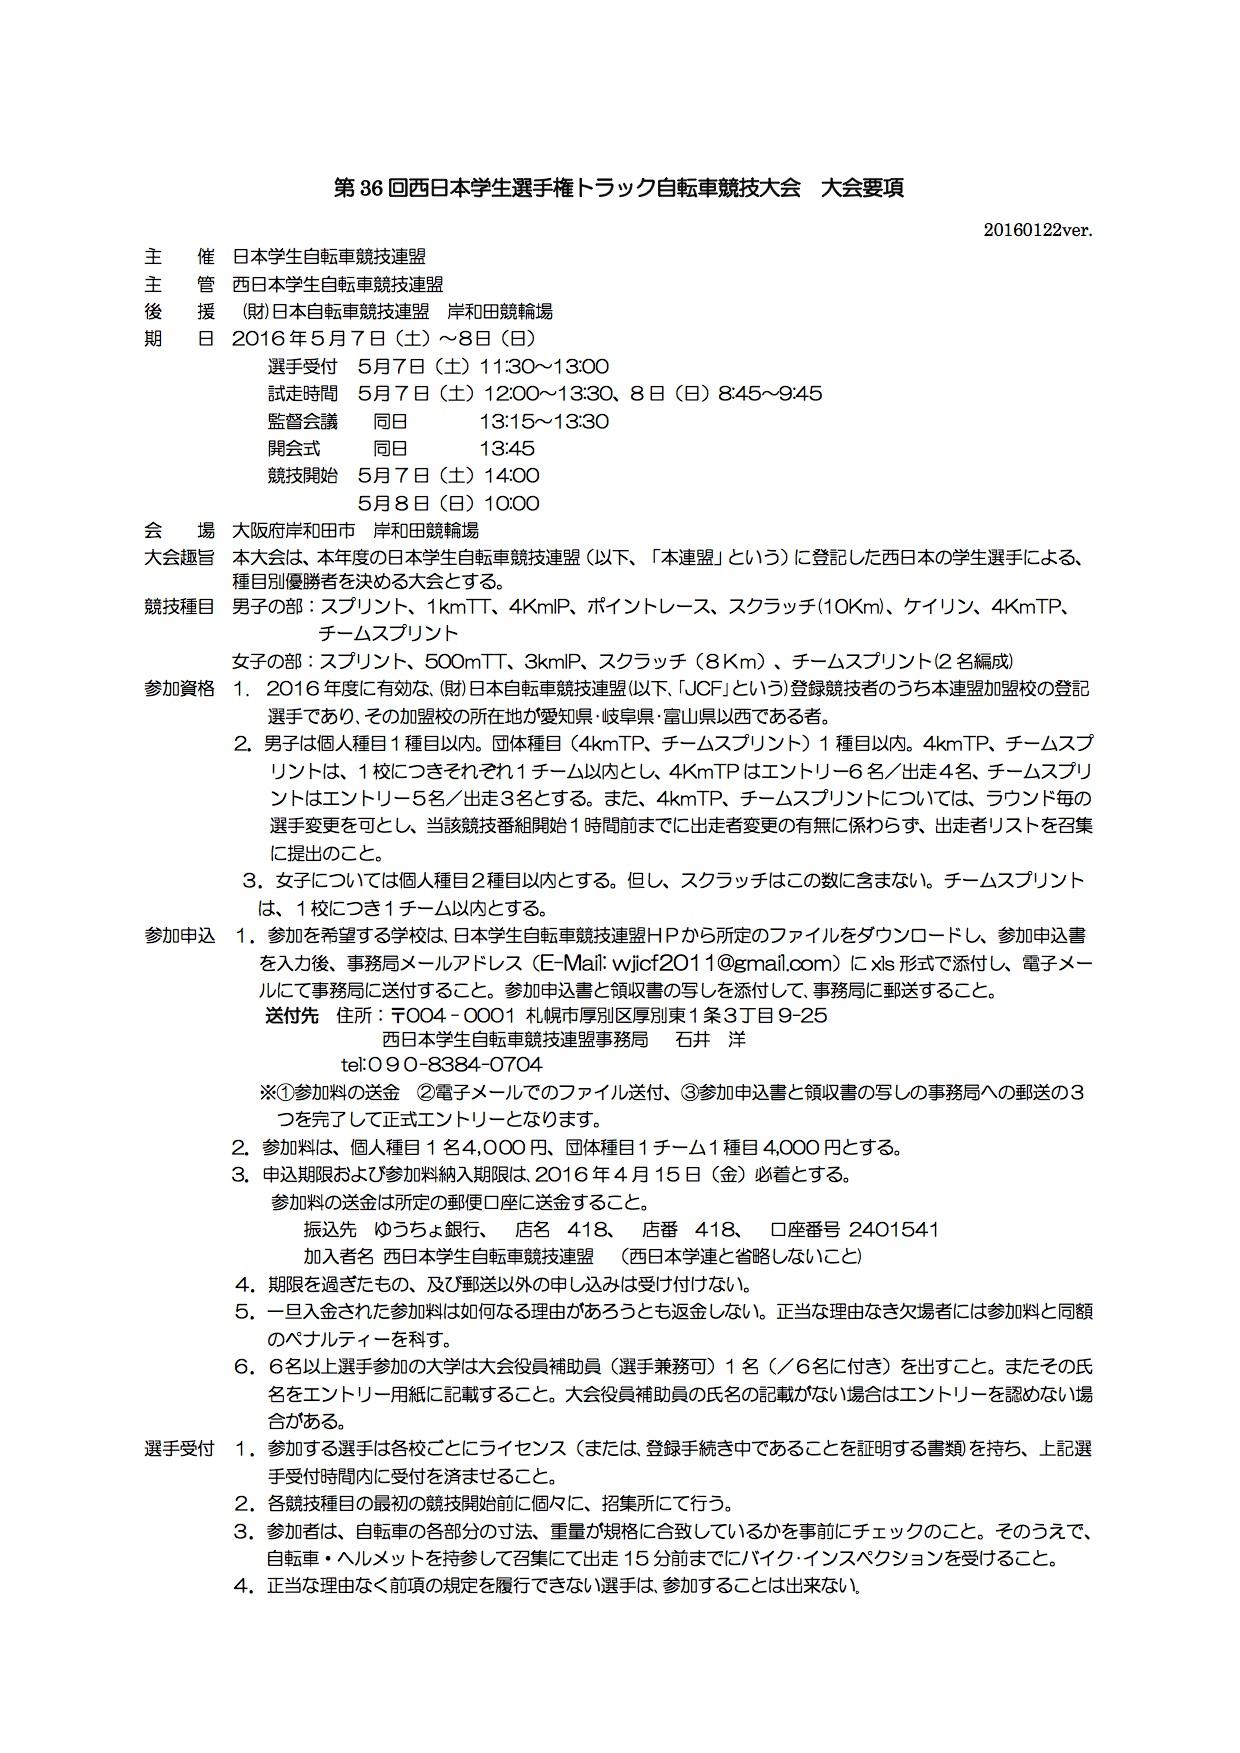 16west_tr_yoko_160401_01